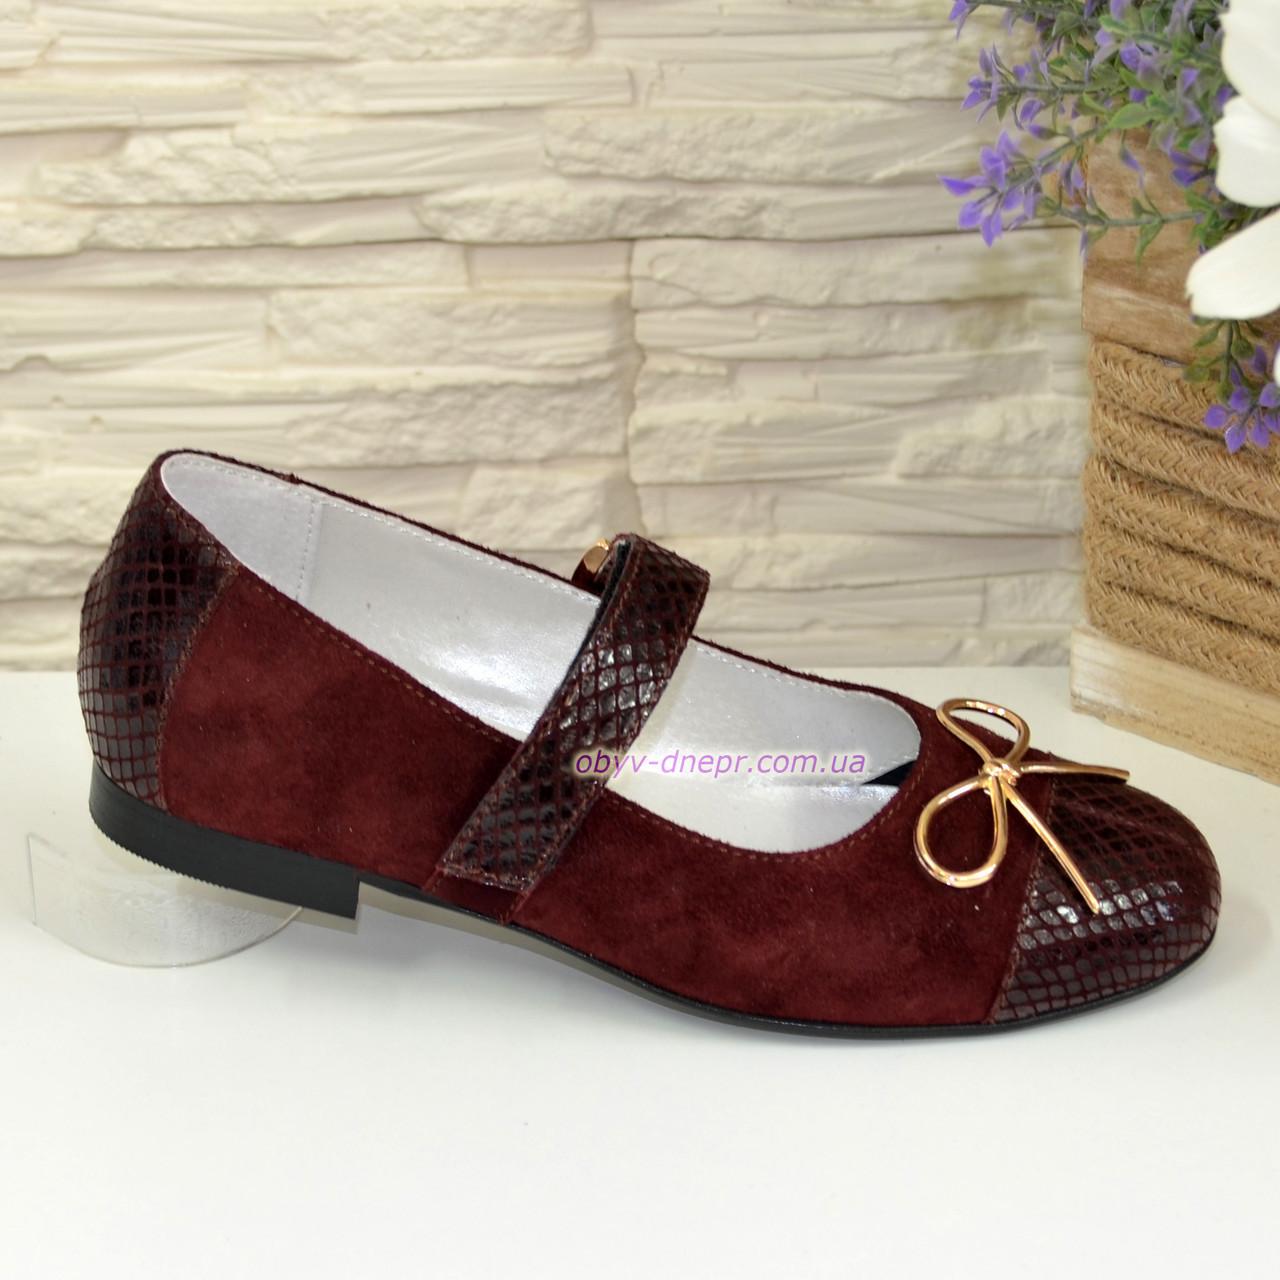 Туфли школьные для девочек, натуральный замш, фото 1